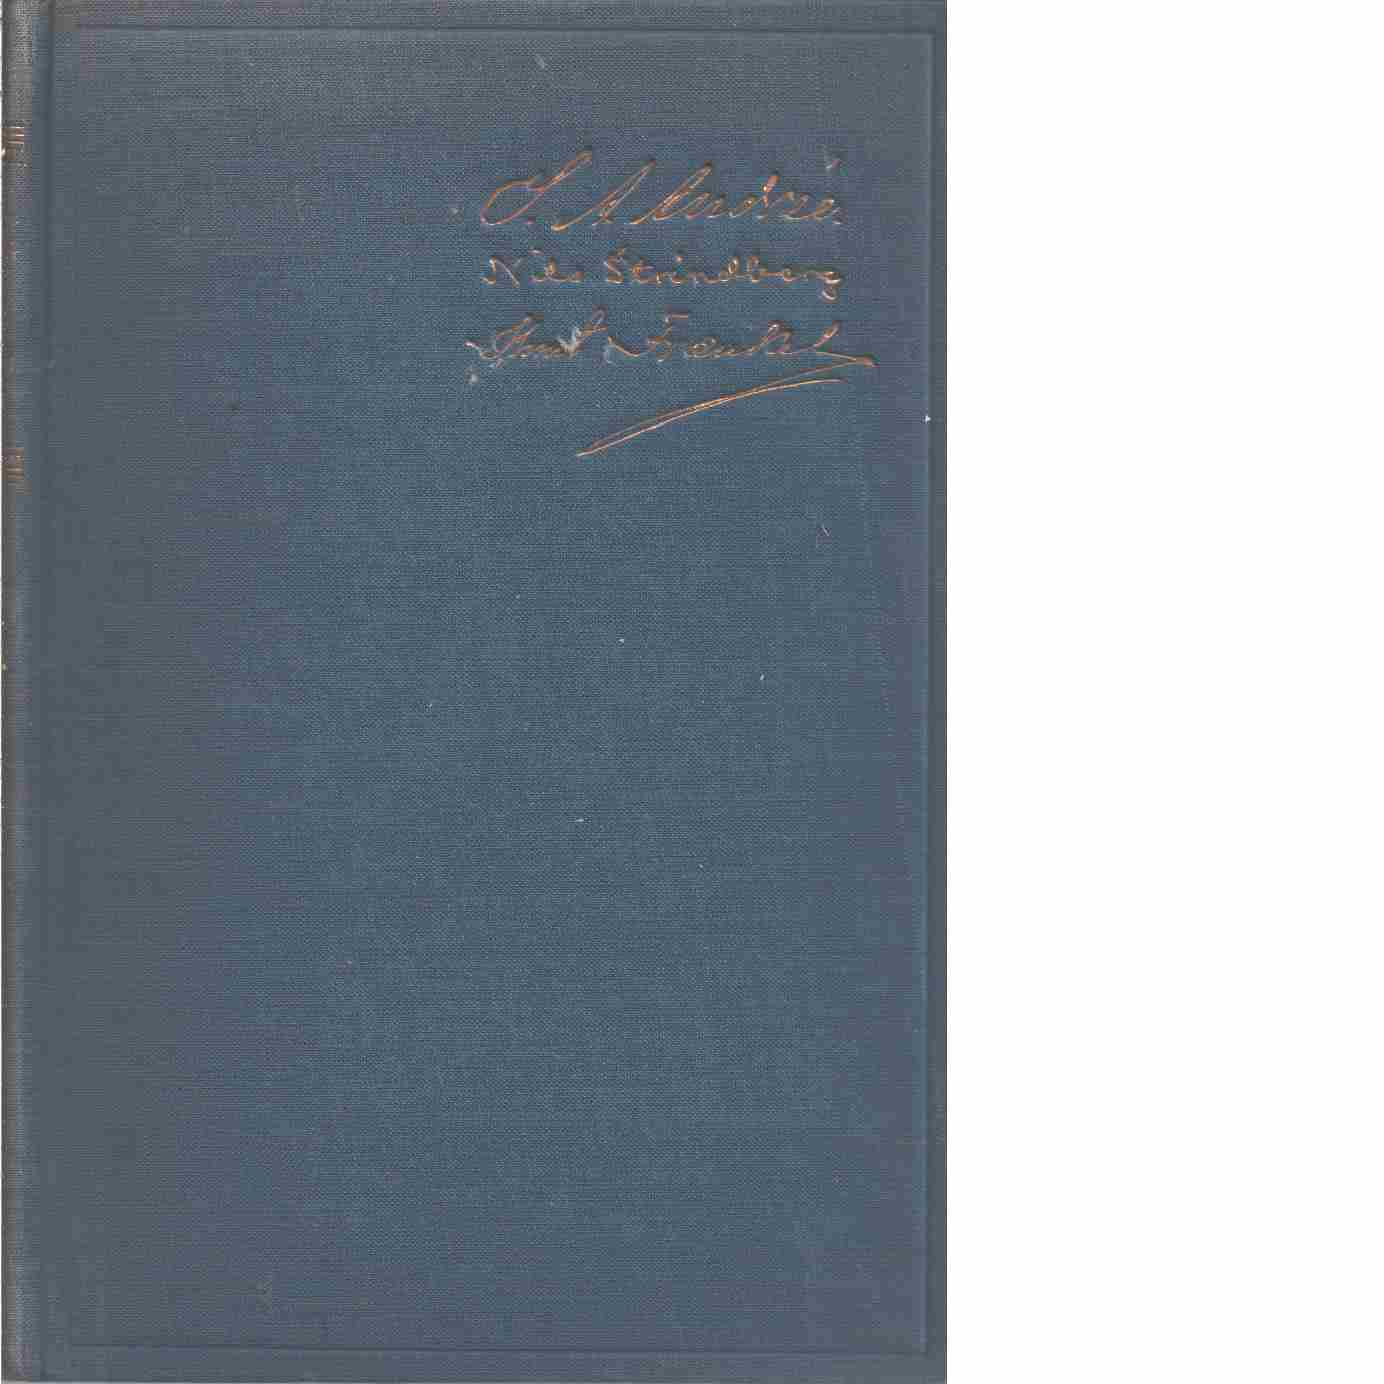 Med Örnen mot polen : Andrées polarexpedition år 1897 - Andrée, Salomon August  Frænkel, Knut, och Strindberg, Nils